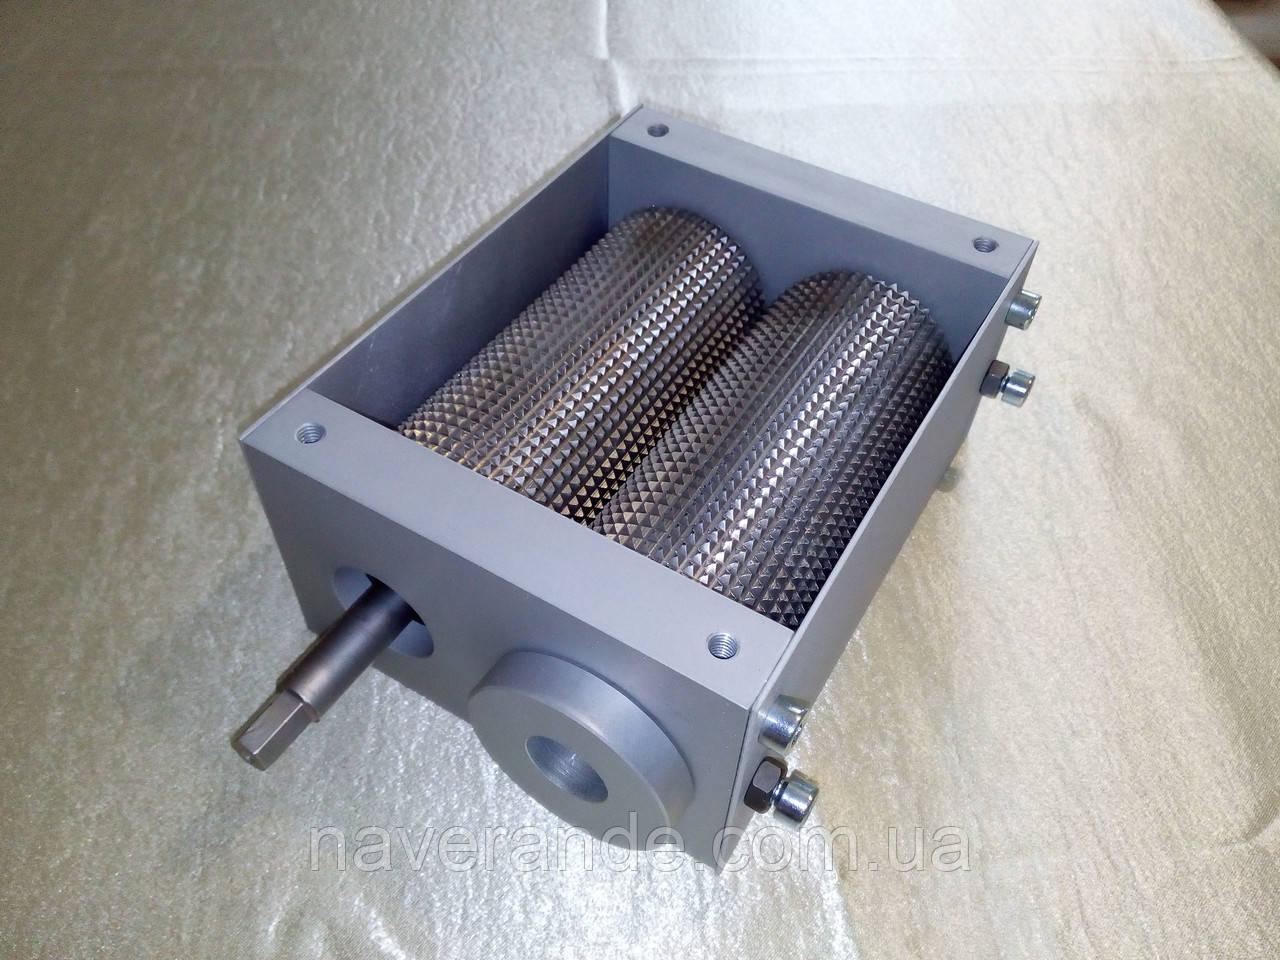 Стабилизатор напряжения на мельнице стабилизаторы напряжения lider ps 3000